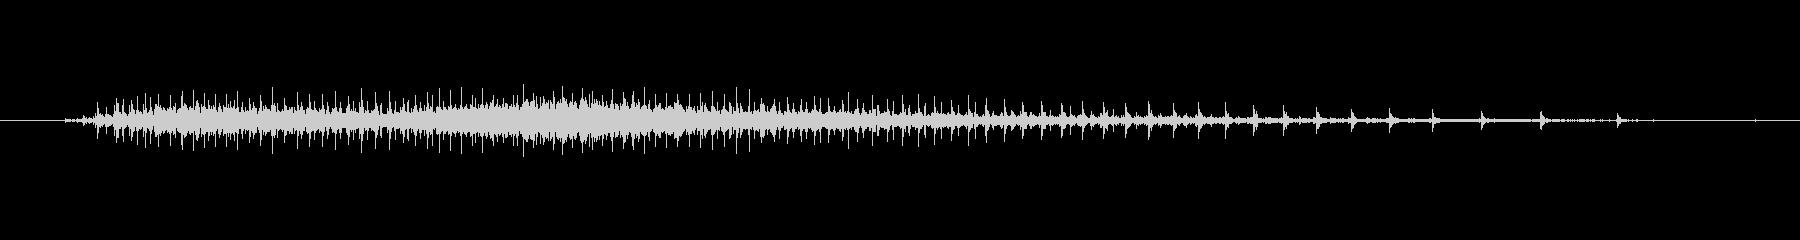 工業 ロックドリルチゼルバースト改訂03の未再生の波形